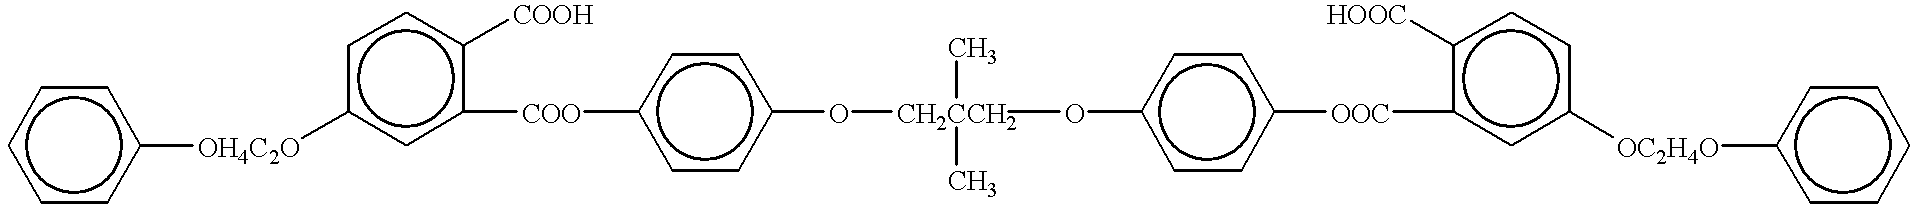 Figure US06180560-20010130-C00264